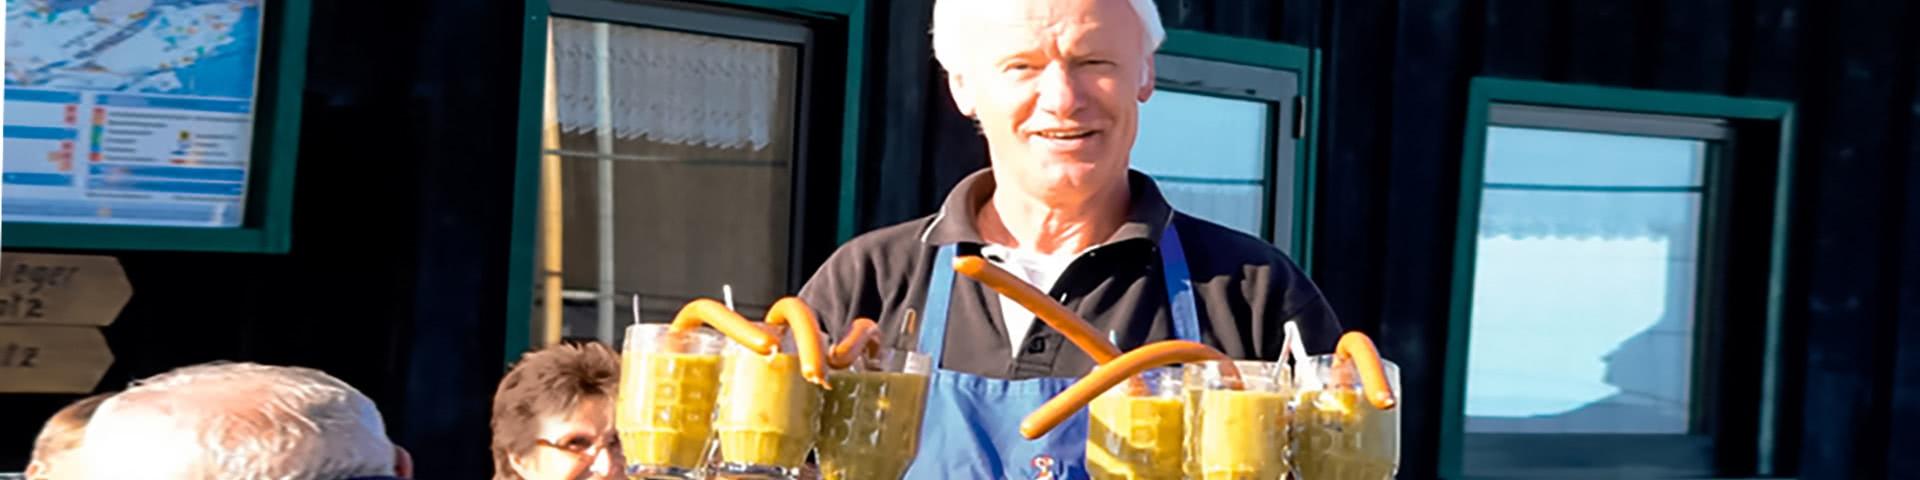 Siggi von Siggis Hütte trägt viele Erbsensuppe mit Würstchen in Willingen